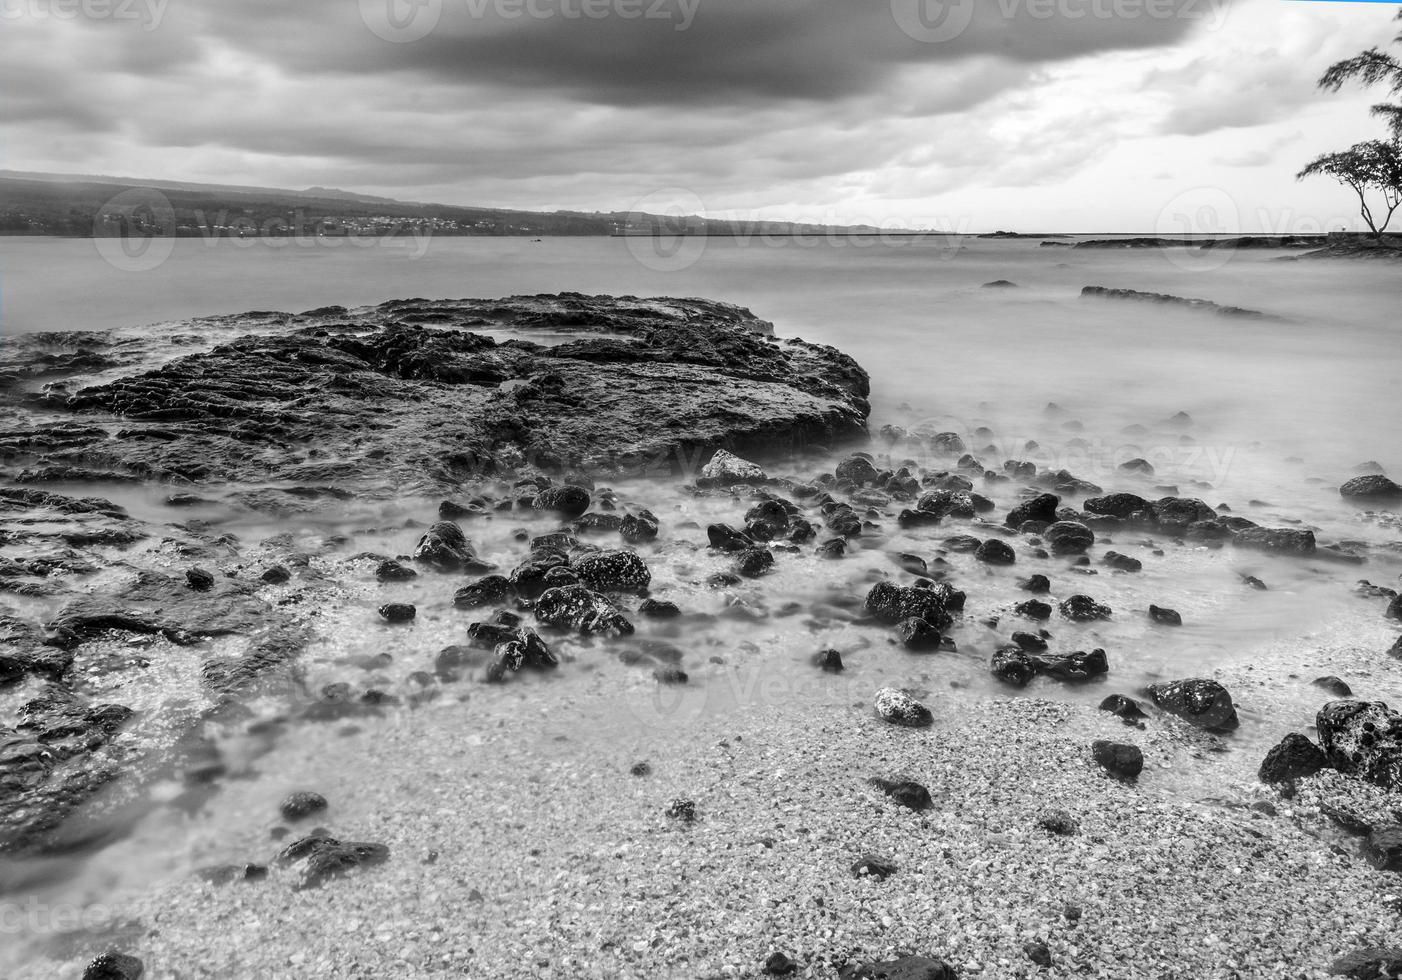 Big Island, Hawaii Coastline in Black and White photo